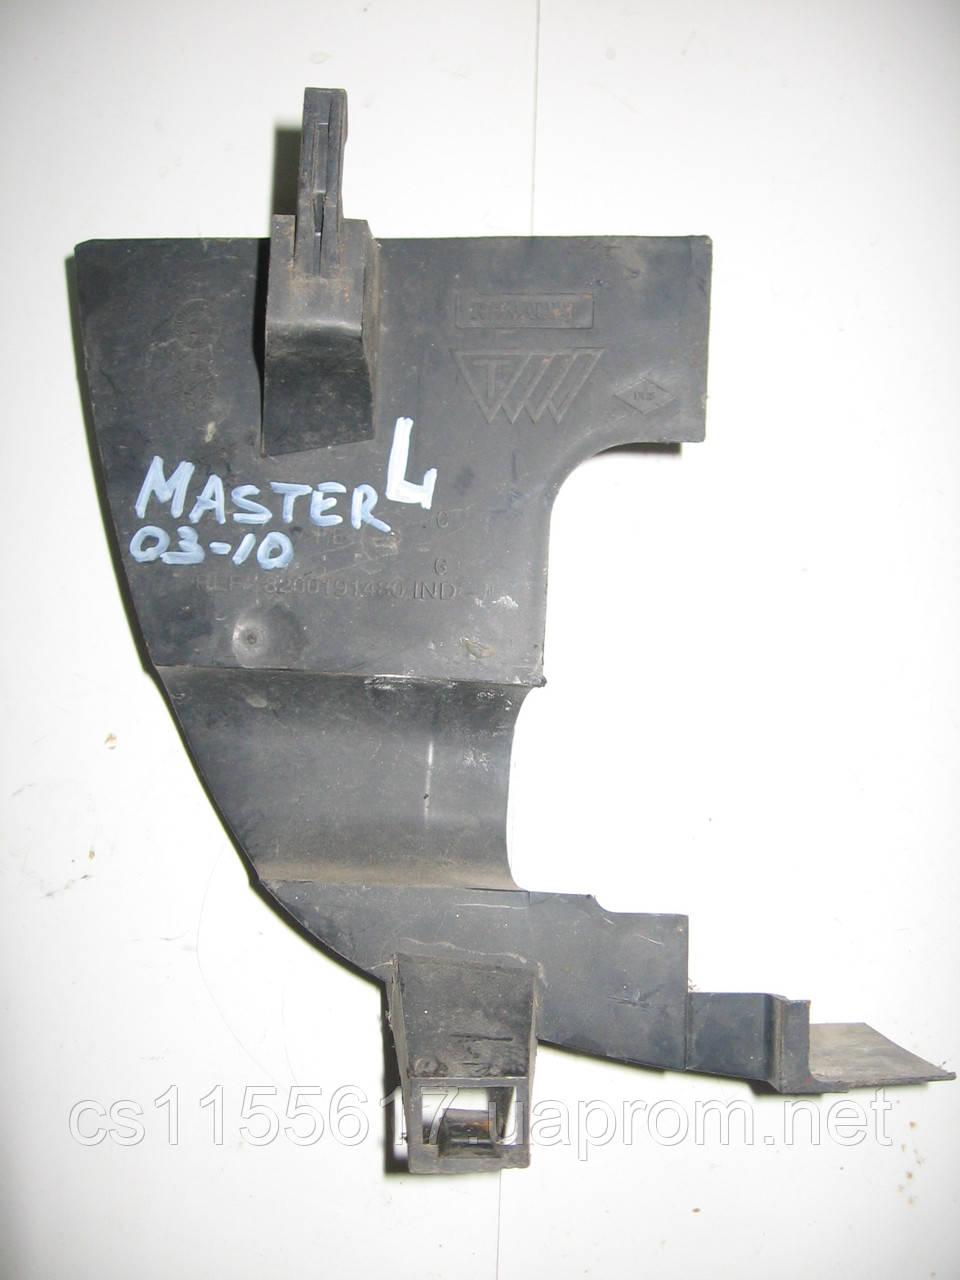 Защита радиатора 8200191480 б/у 2.5 DCi на Renault Master, Opel Movano, Nissan Interstar год 1998-2010